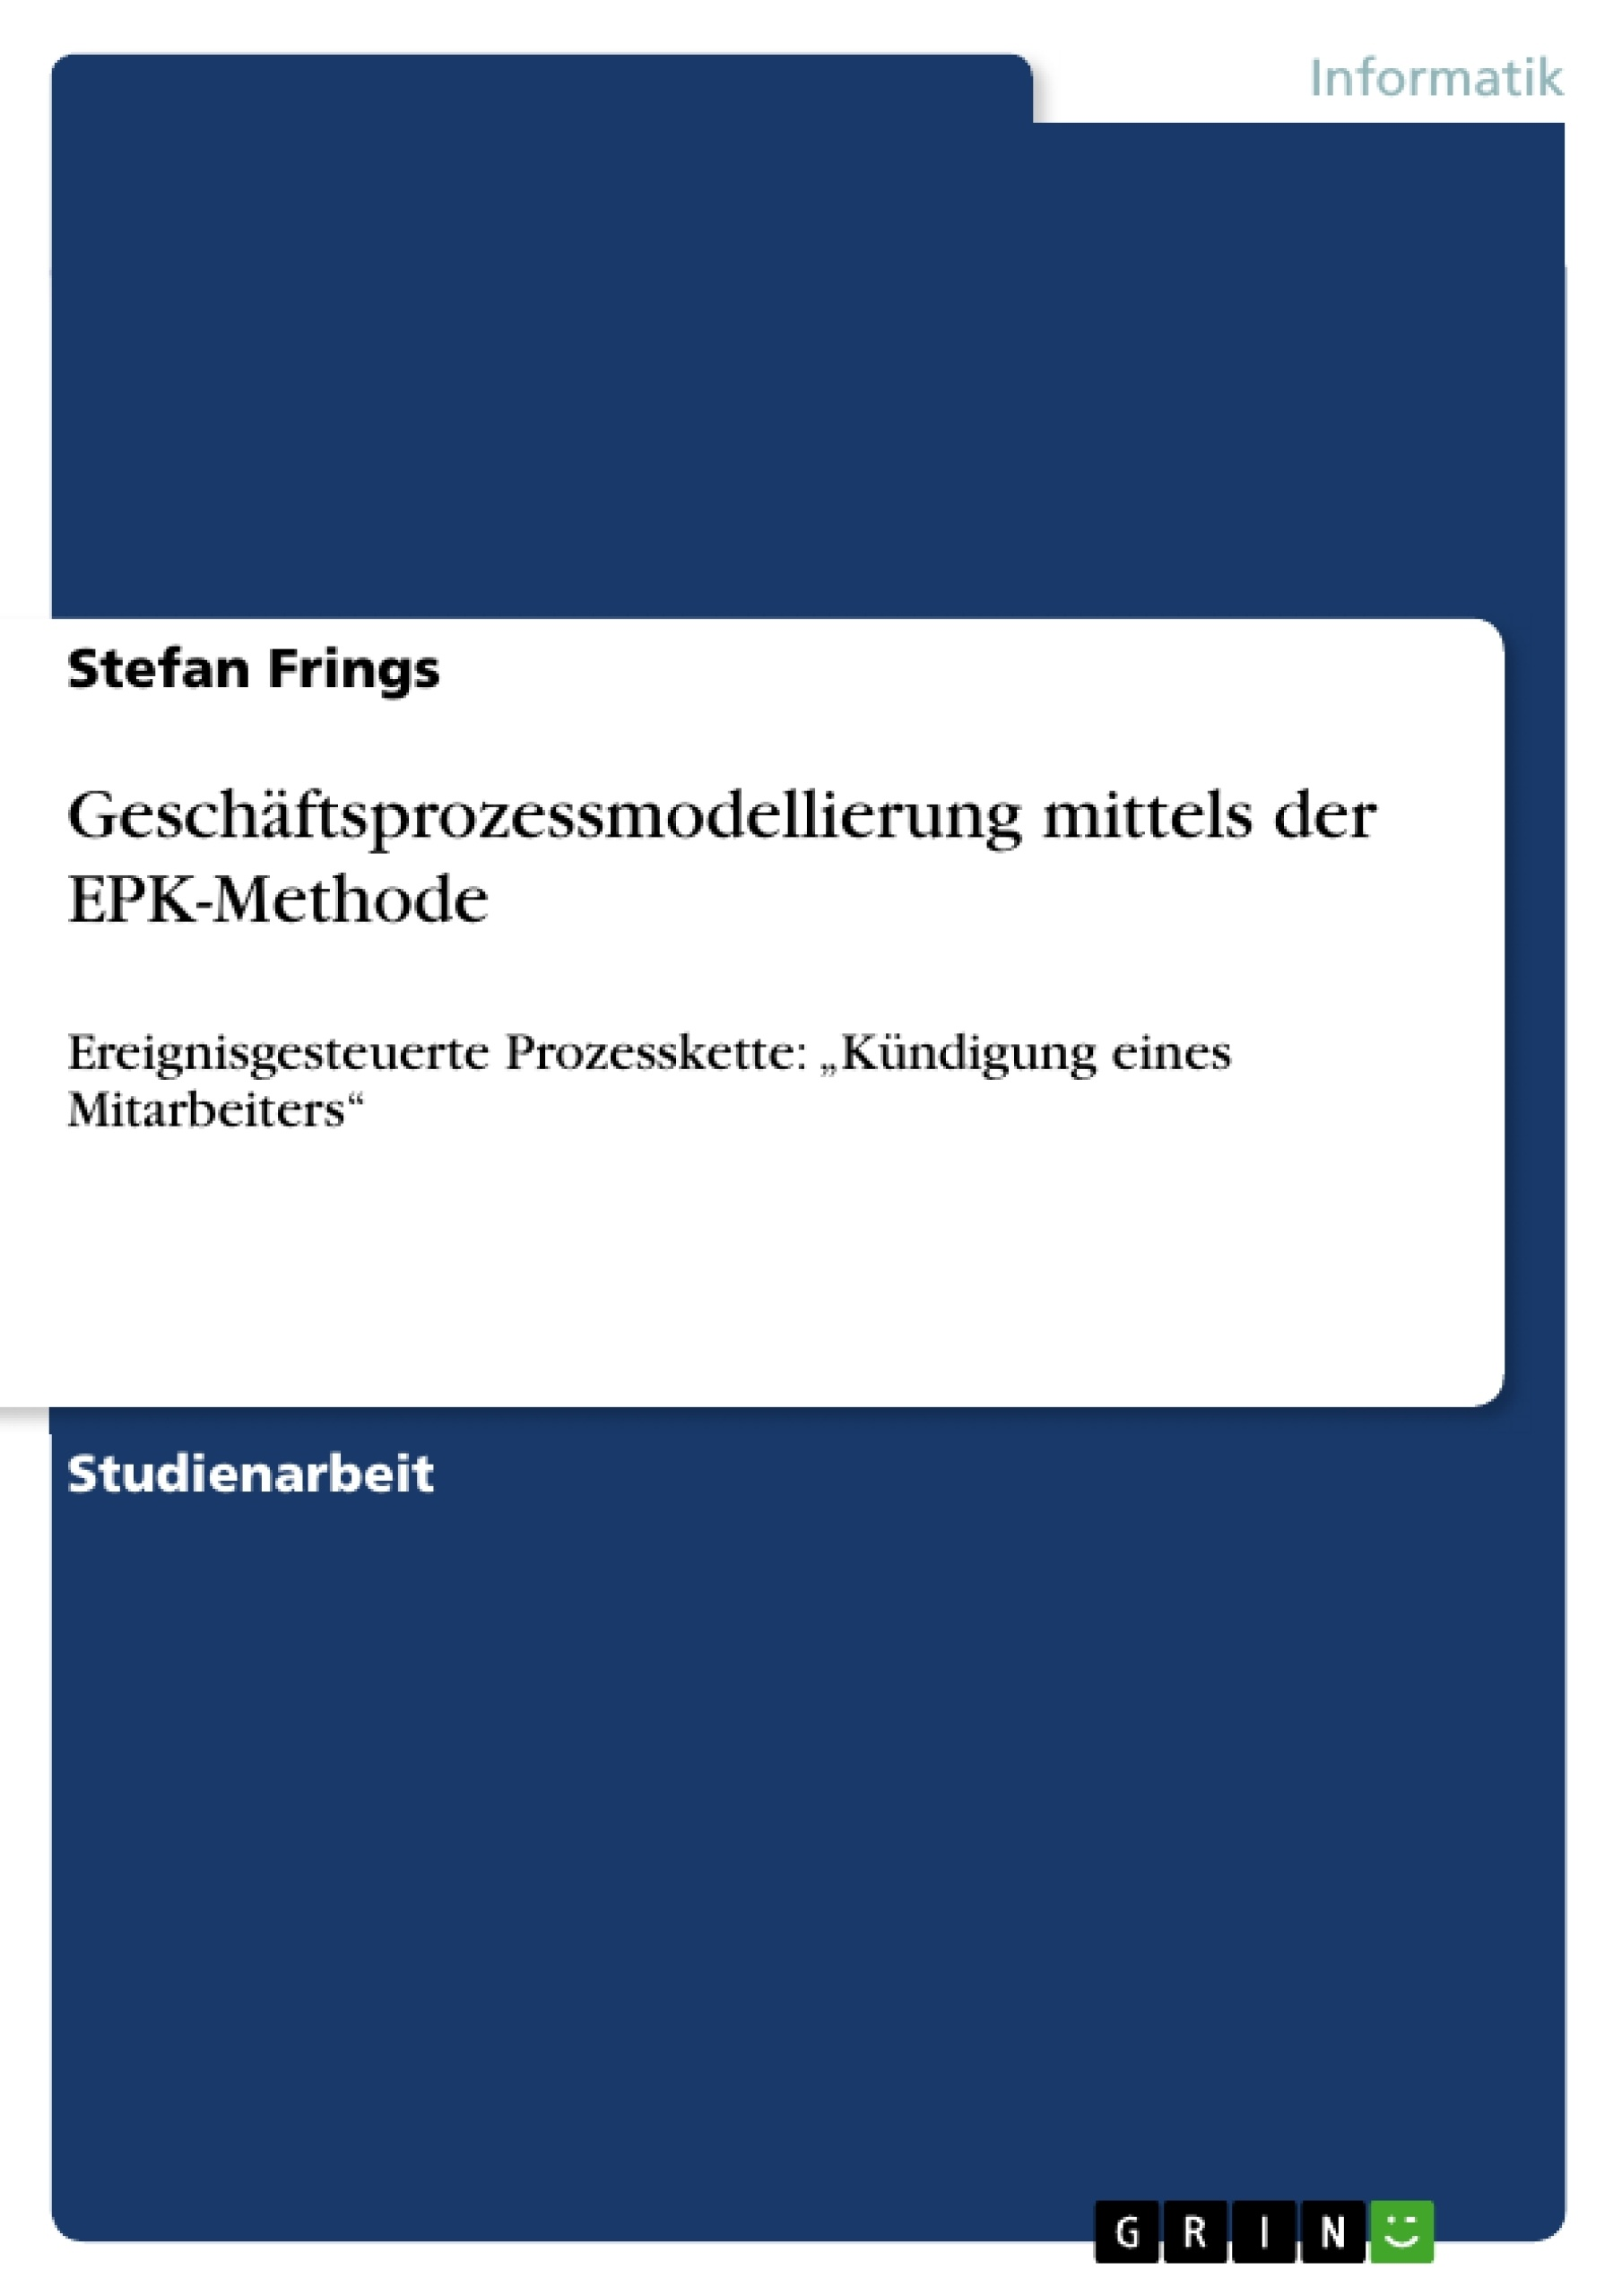 Titel: Geschäftsprozessmodellierung mittels der EPK-Methode